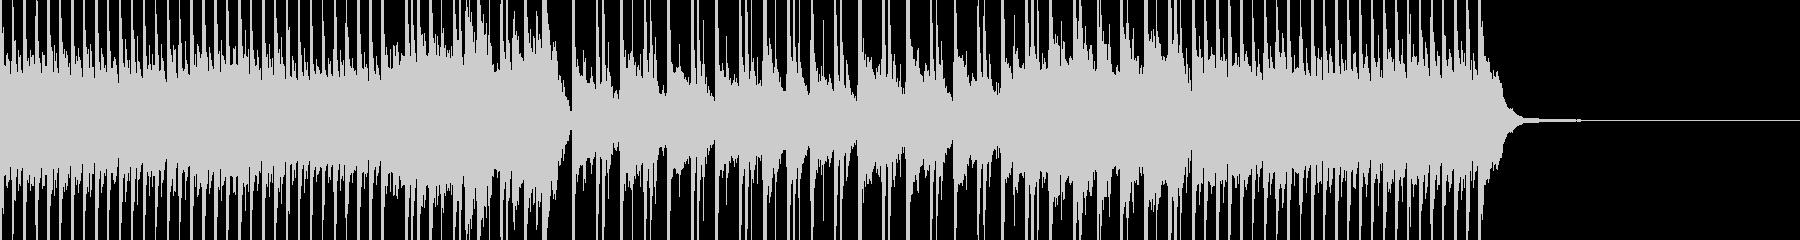 線香花火をイメージした切ないギターポップの未再生の波形